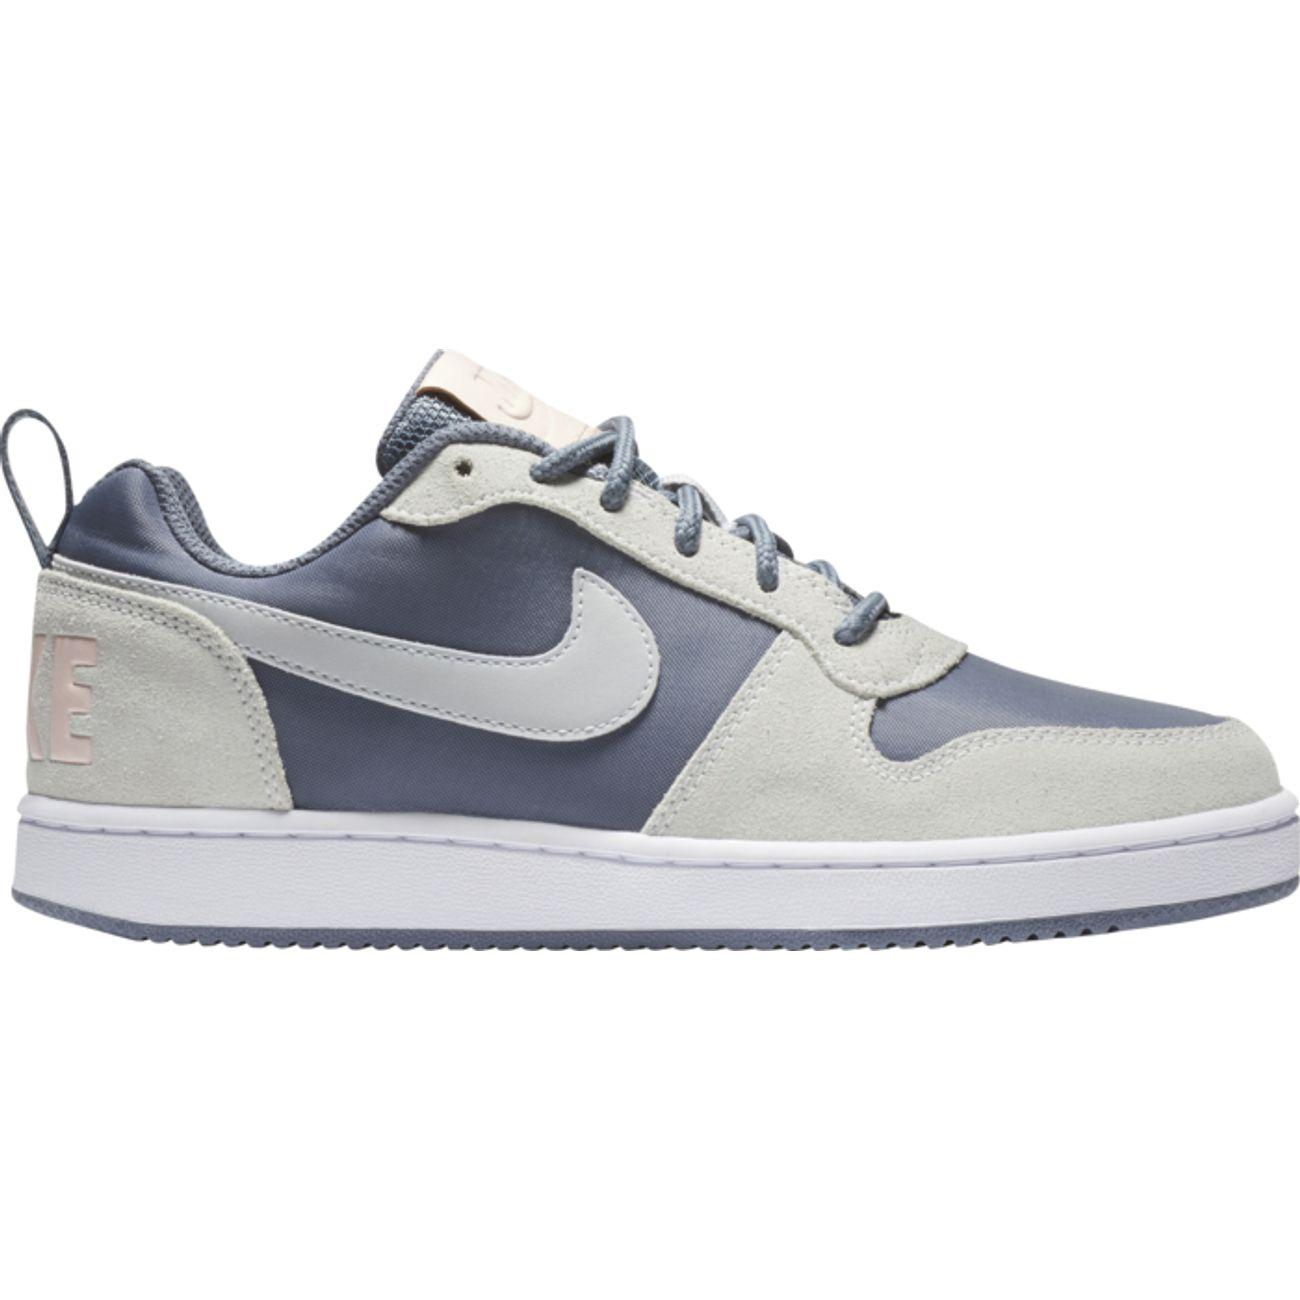 Nike Chaussures Court Borough Low Prem Chaussures de Sport Homme Nike soldes Salomon Exode Low GTX femmes Walking chaussures/Chaussures - Light gris - SIZE EU 36  Multicolore (Black/Mtllc Silver-VLT-White)  Taille 36 gOomRPEmz